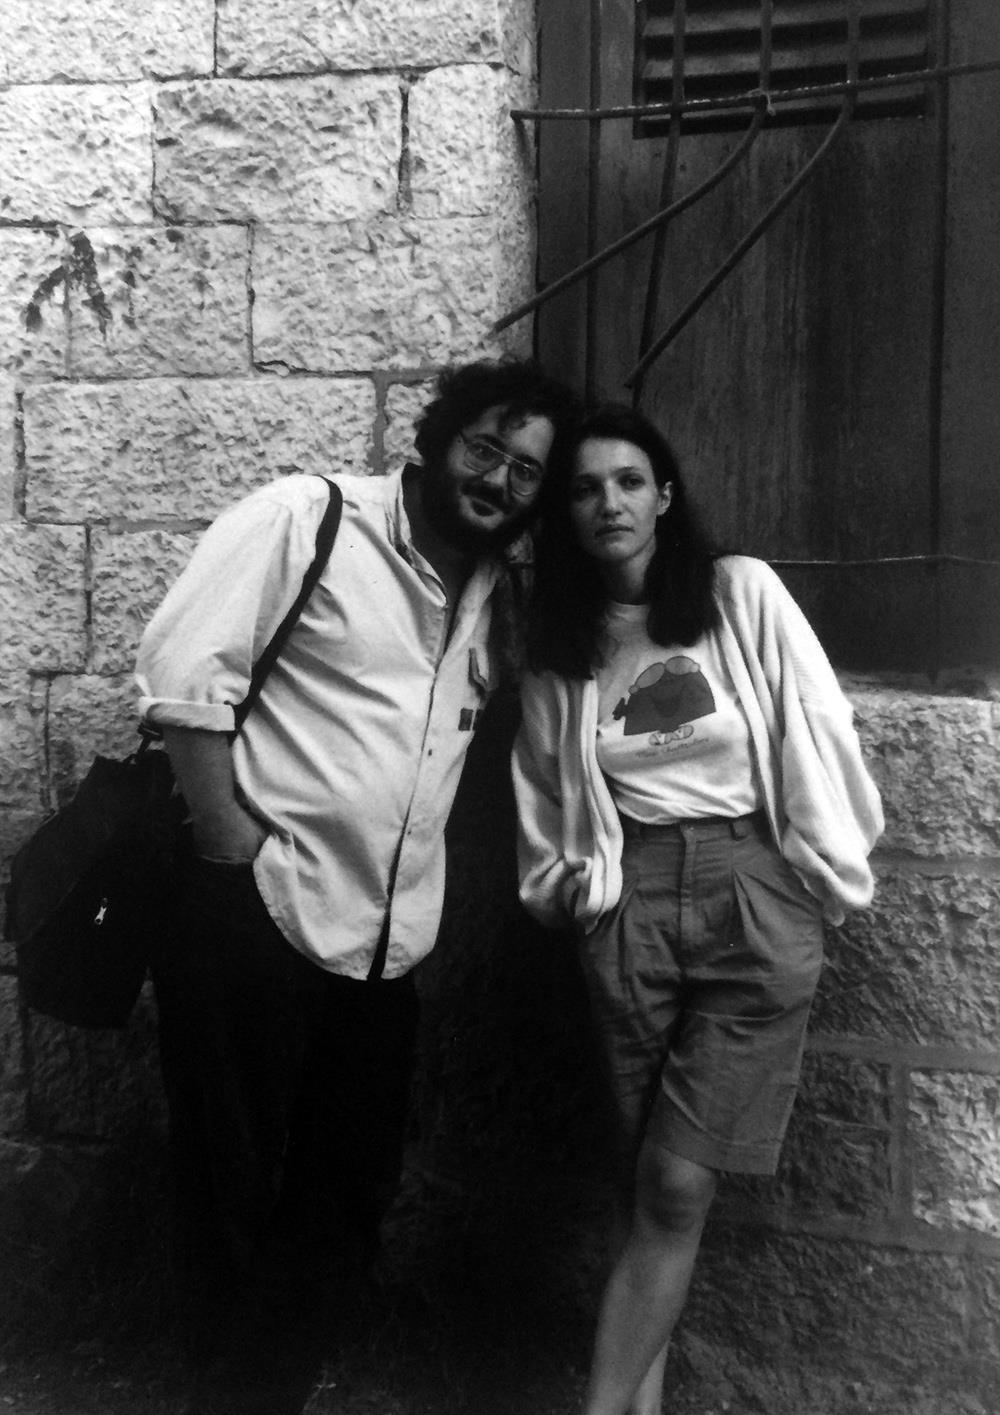 Саша Бараш и Катя Капович, Израиль, 1992-й год